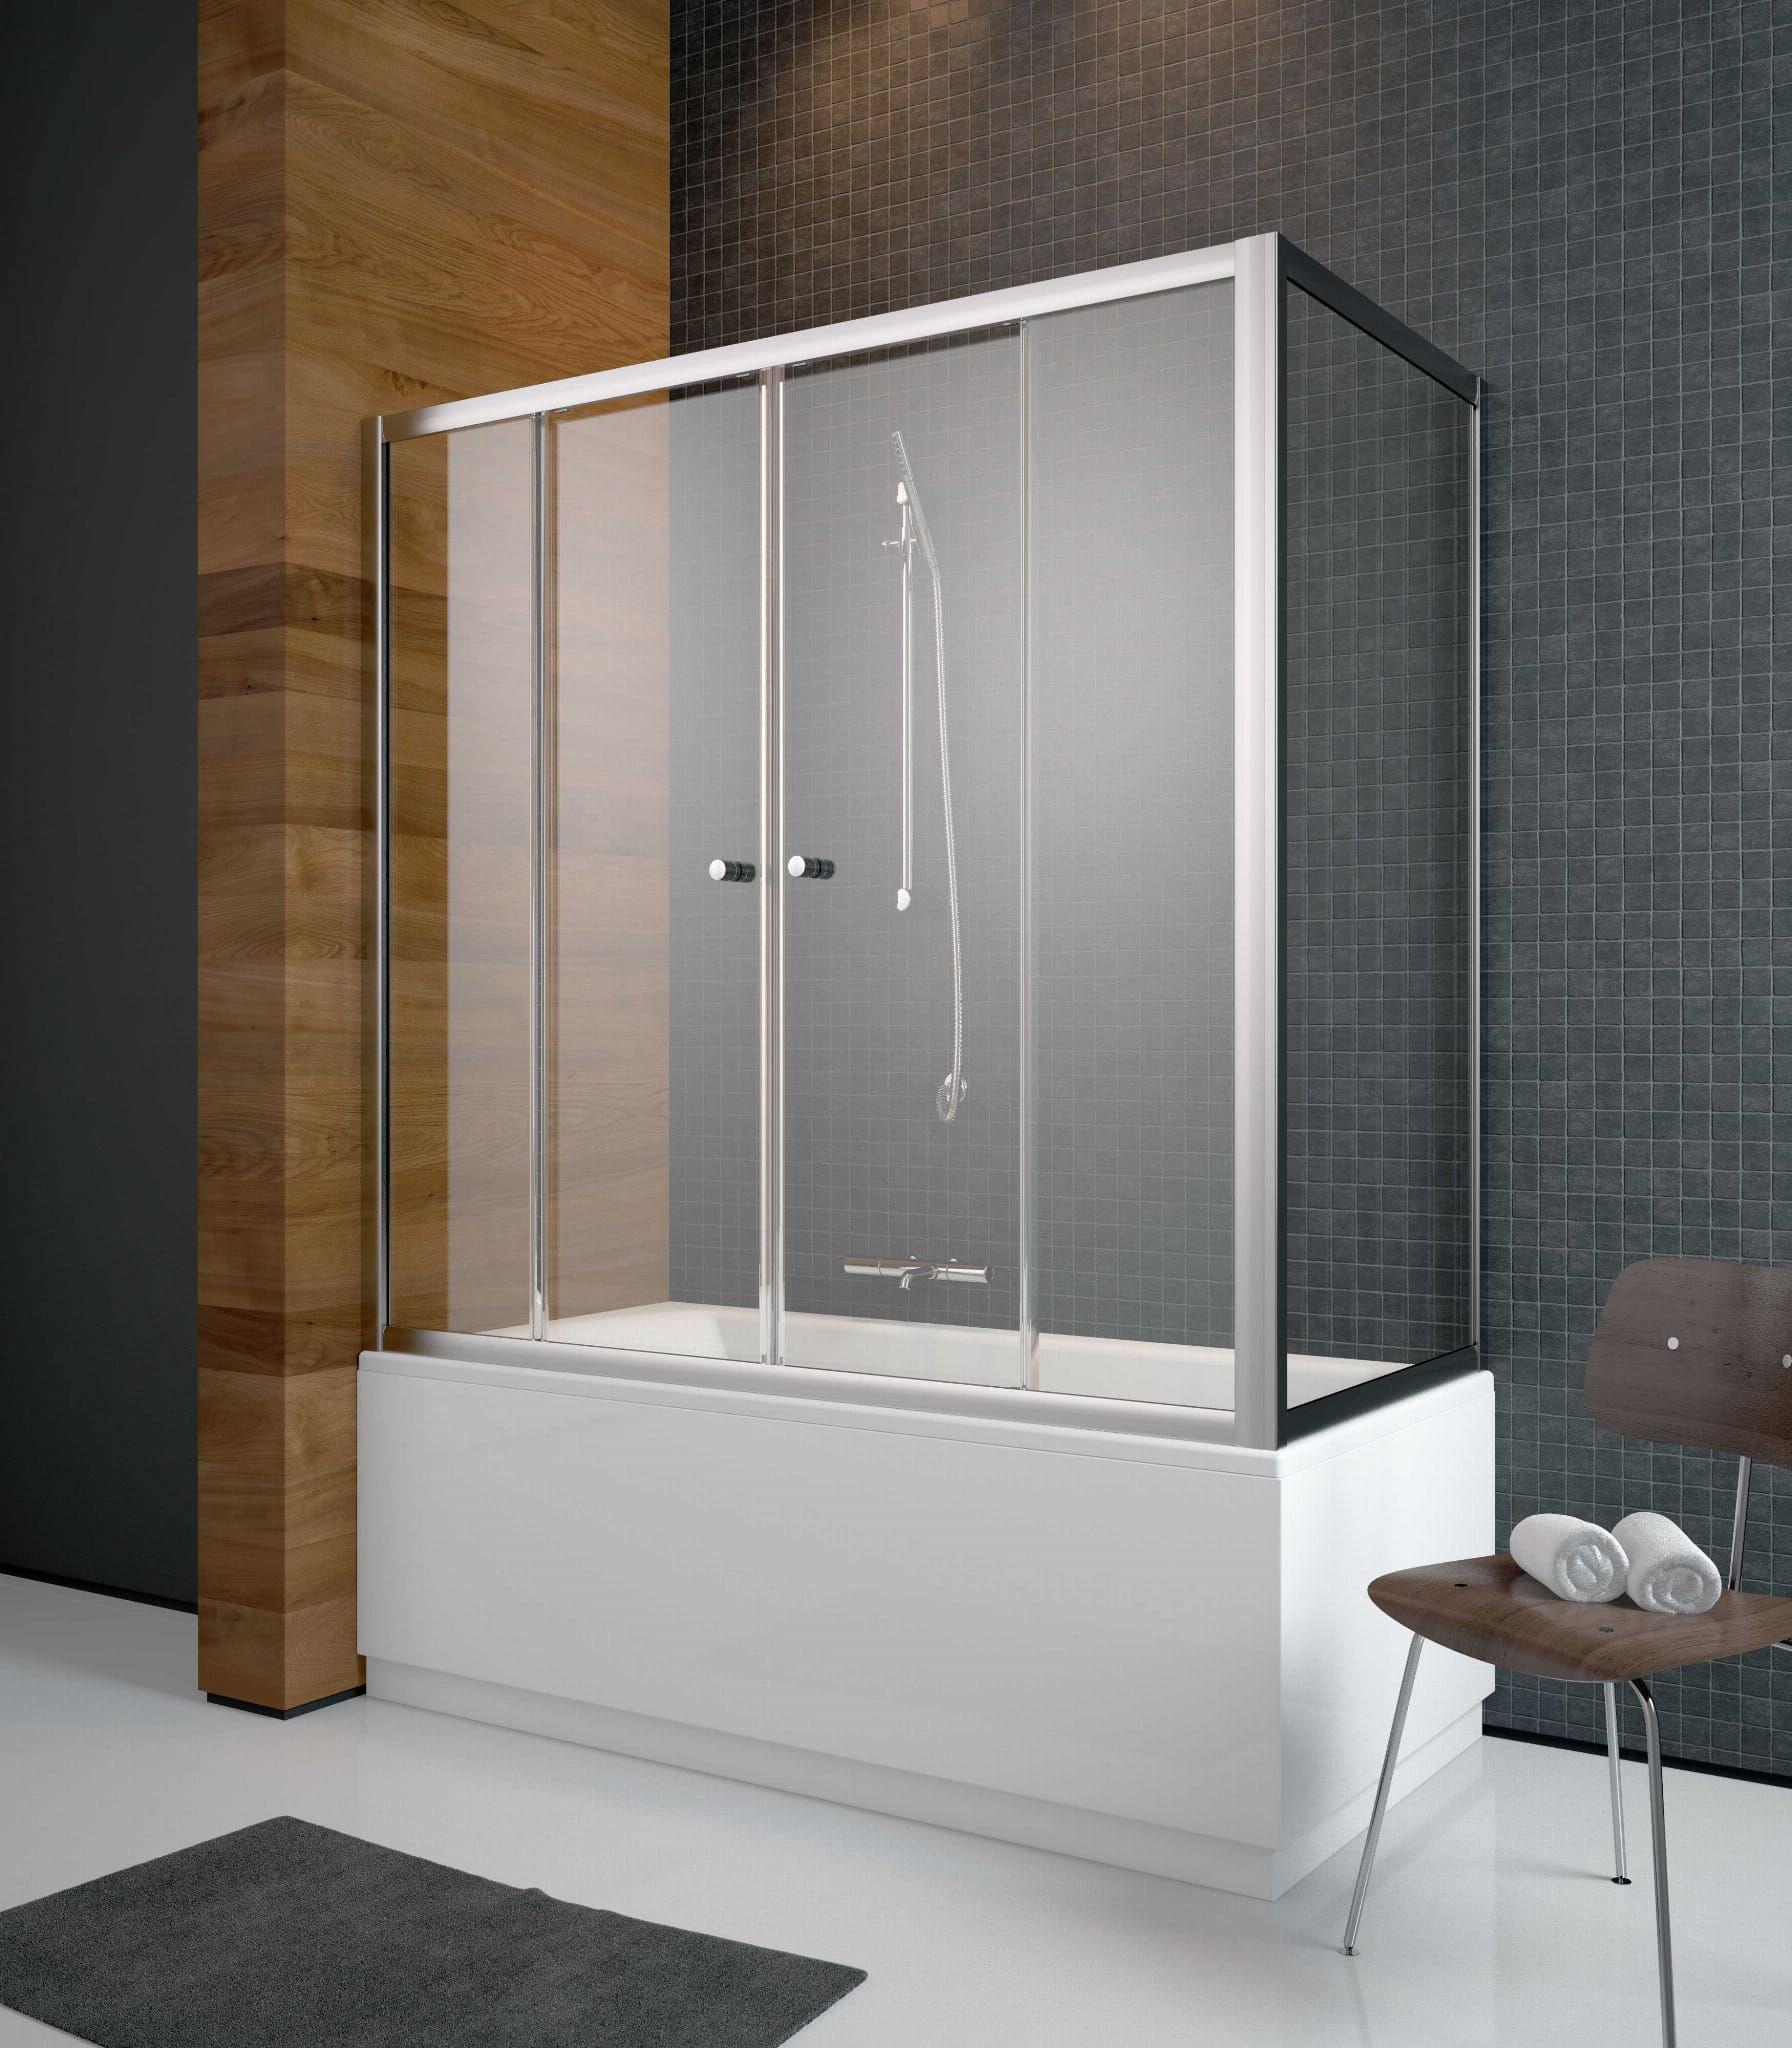 Radaway zabudowa nawannowa Vesta DWD+S 140 x 80, szkło przejrzyste, wys. 150 cm 203140-01/204080-01